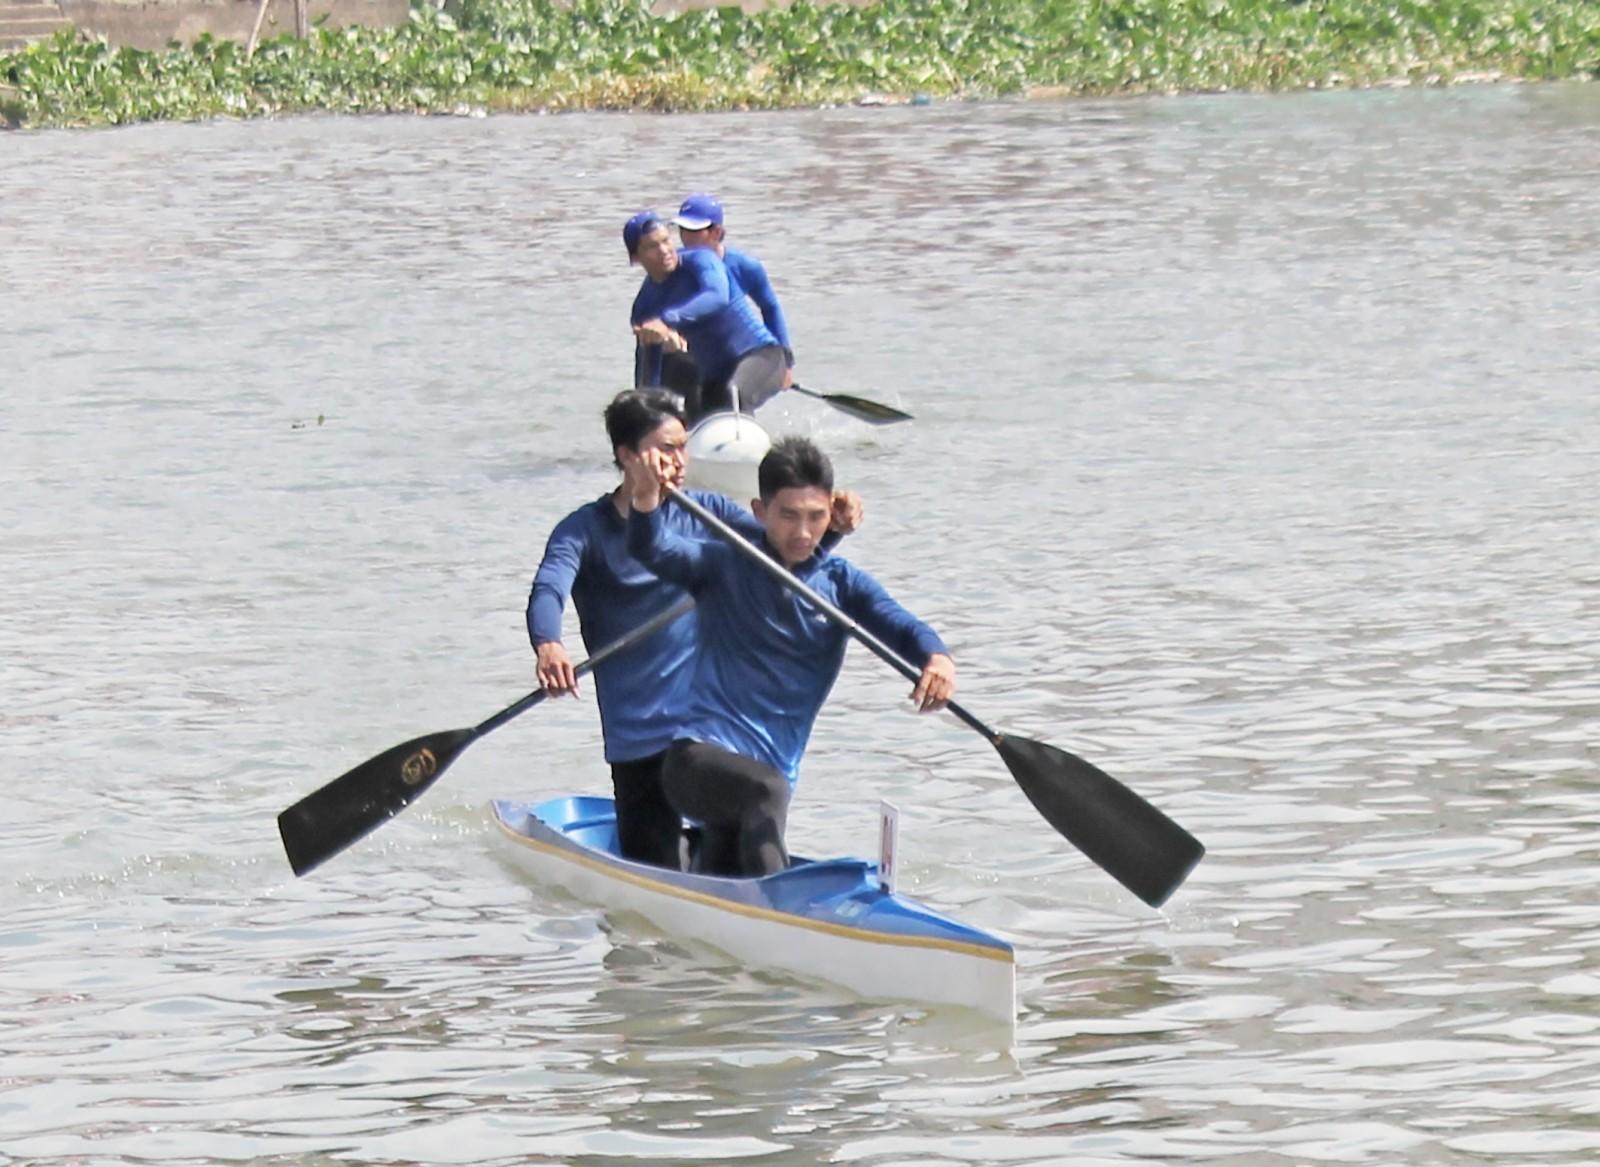 Hai VĐV Lê Hoàng Quốc và Bùi Thanh Phẩm (phía trước) của Canoeing Cần Thơ. Ảnh: AN CHI